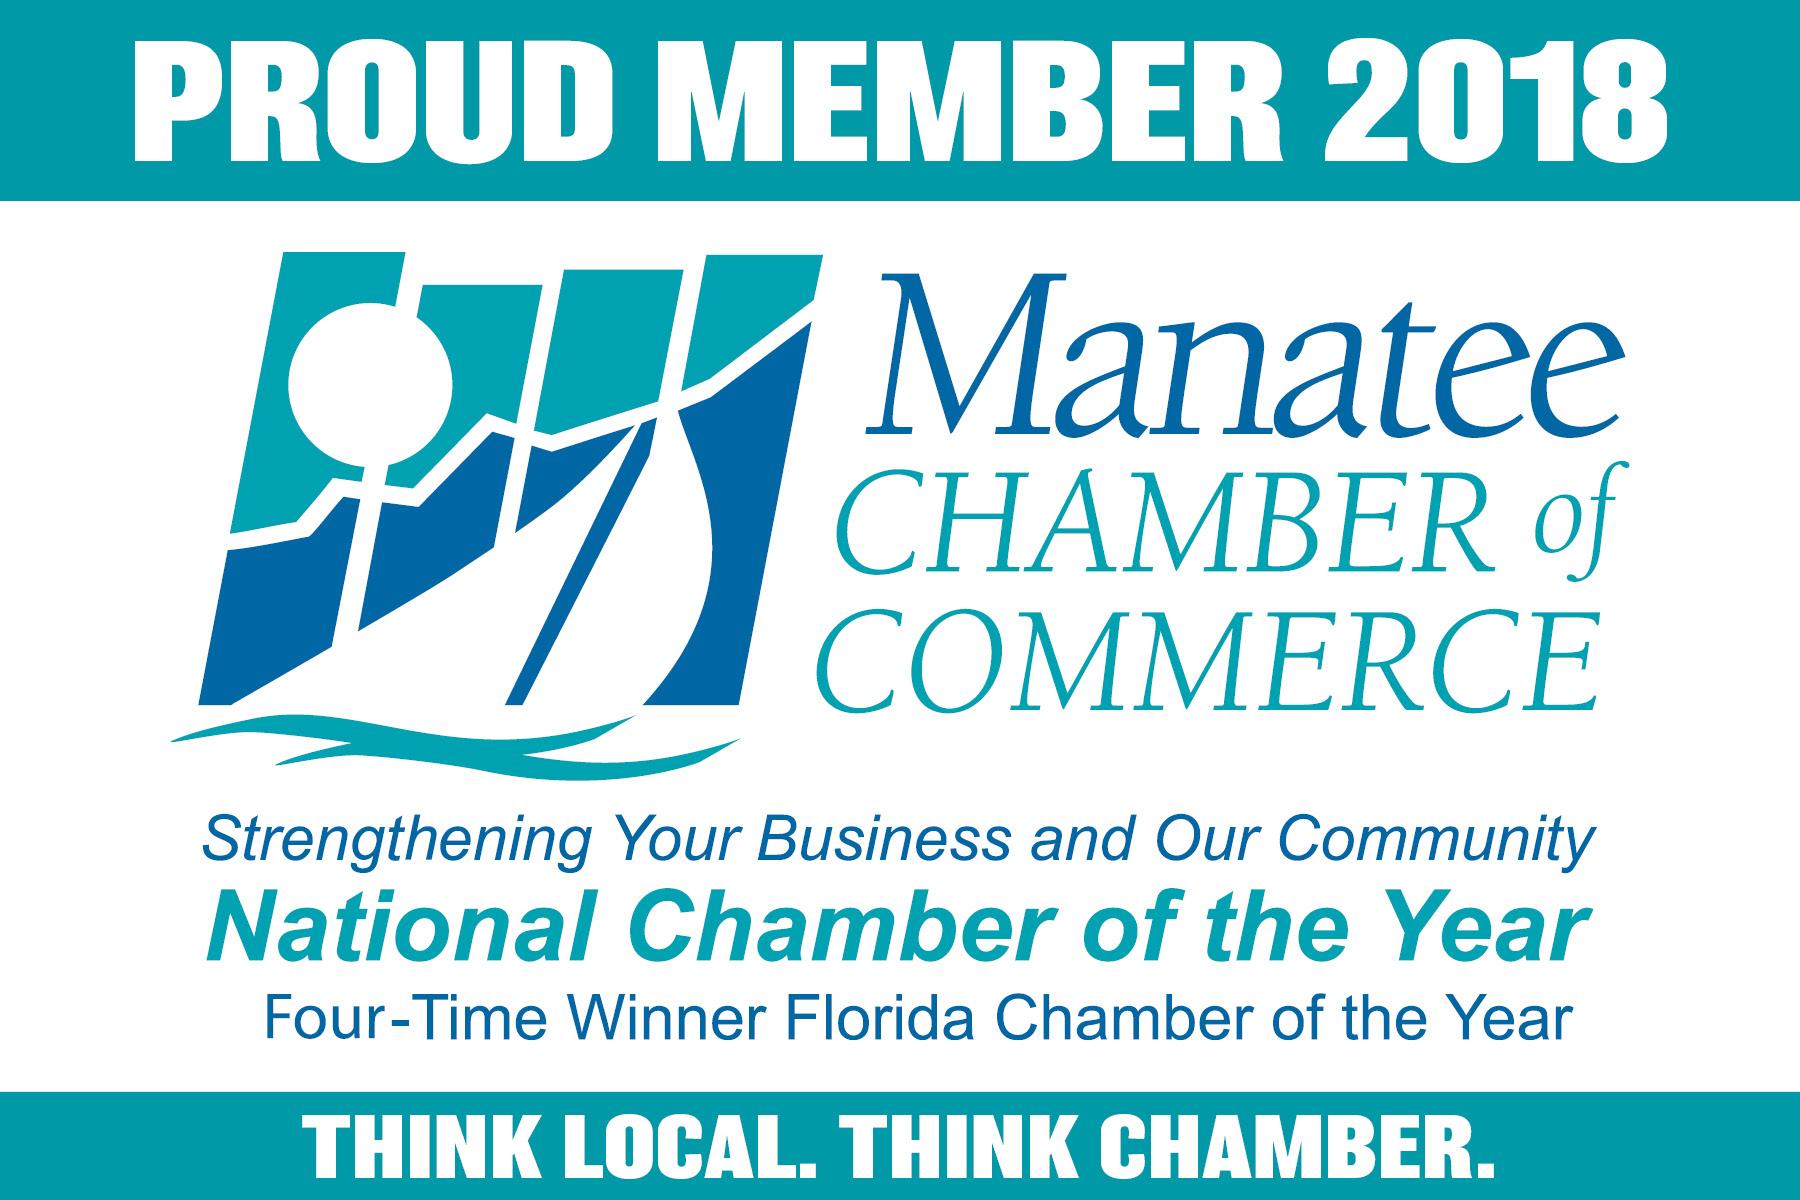 Manatee Chamber member